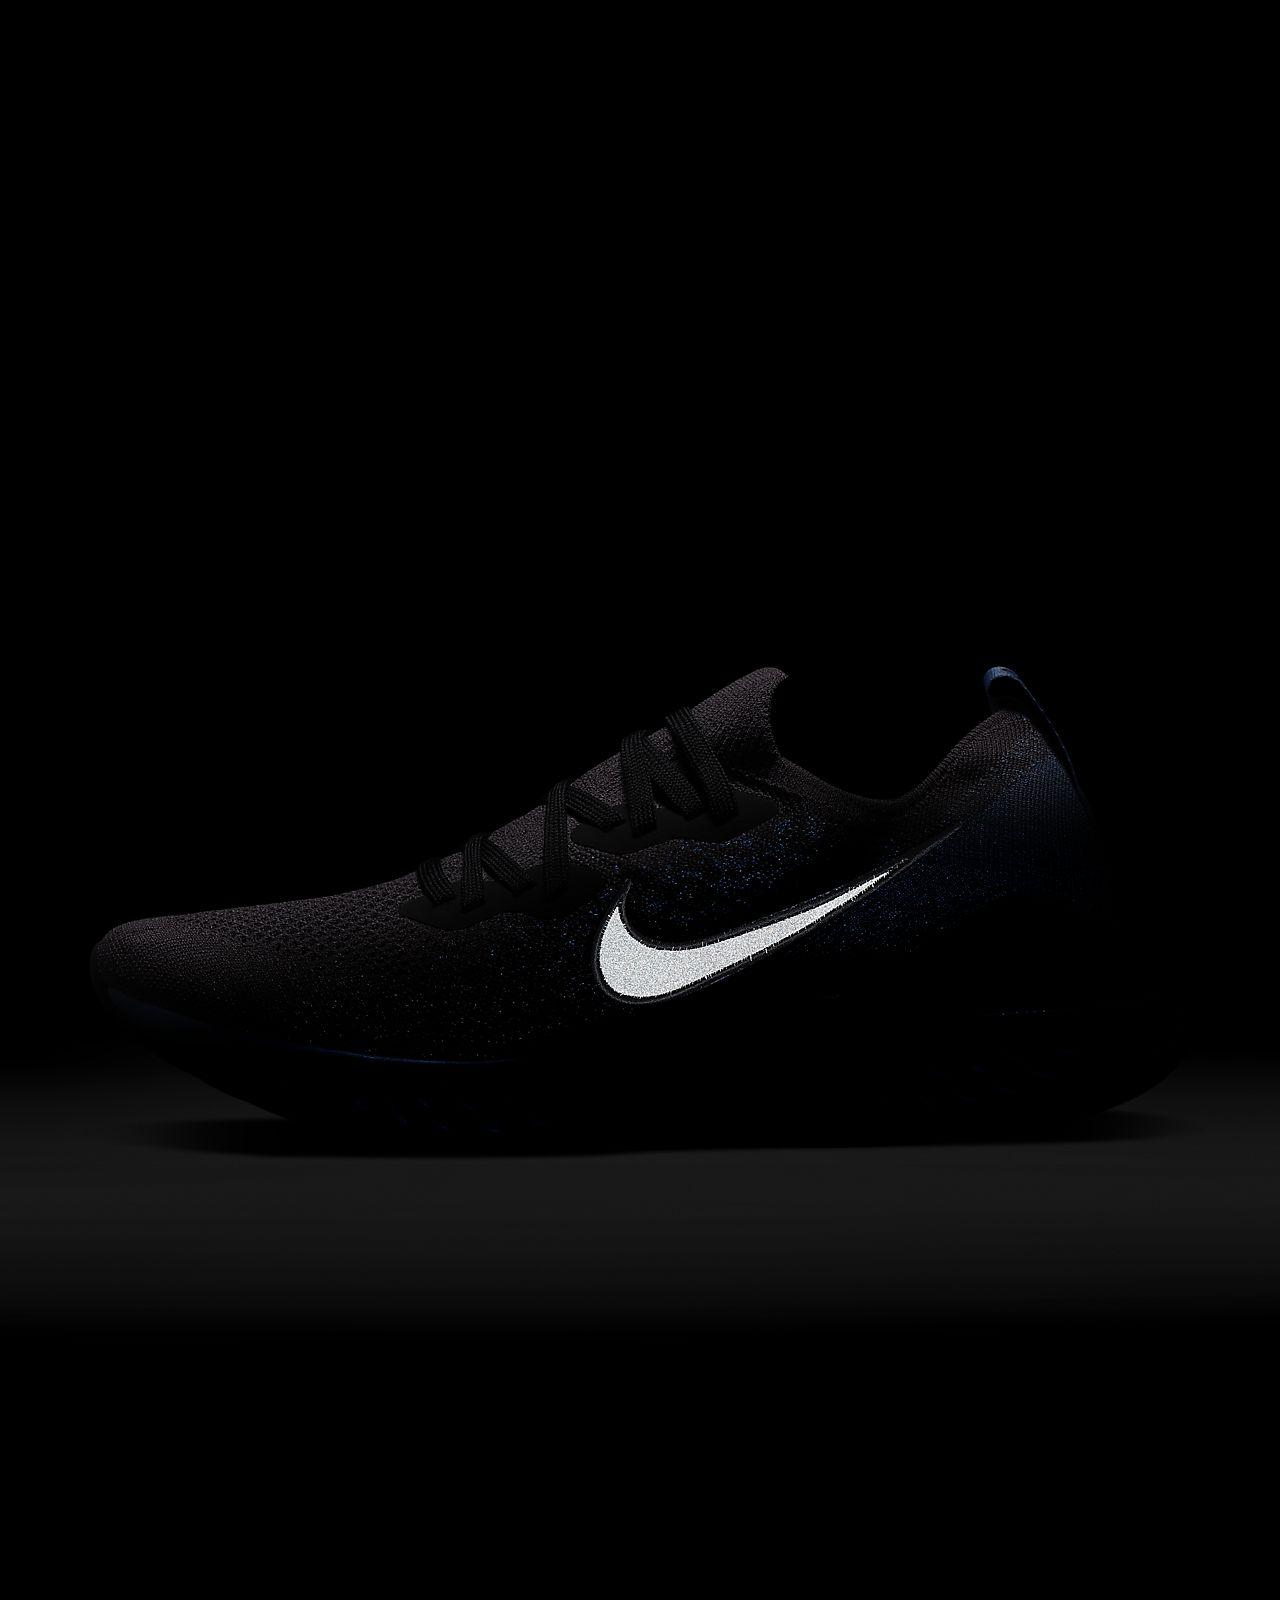 59b4cdcc Nike Epic React Flyknit 2 Men's Running Shoe